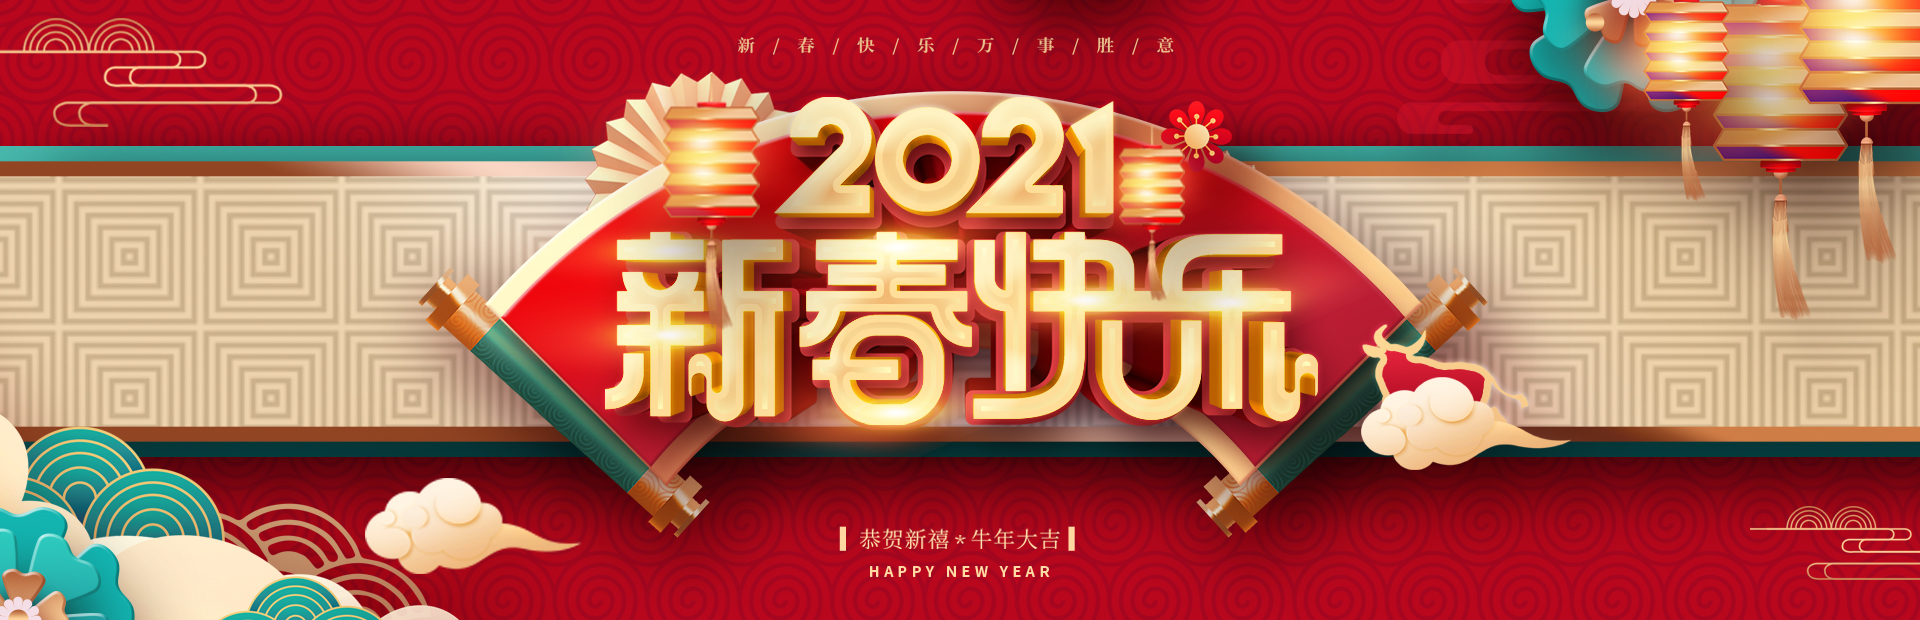 云南锦东春节祝福